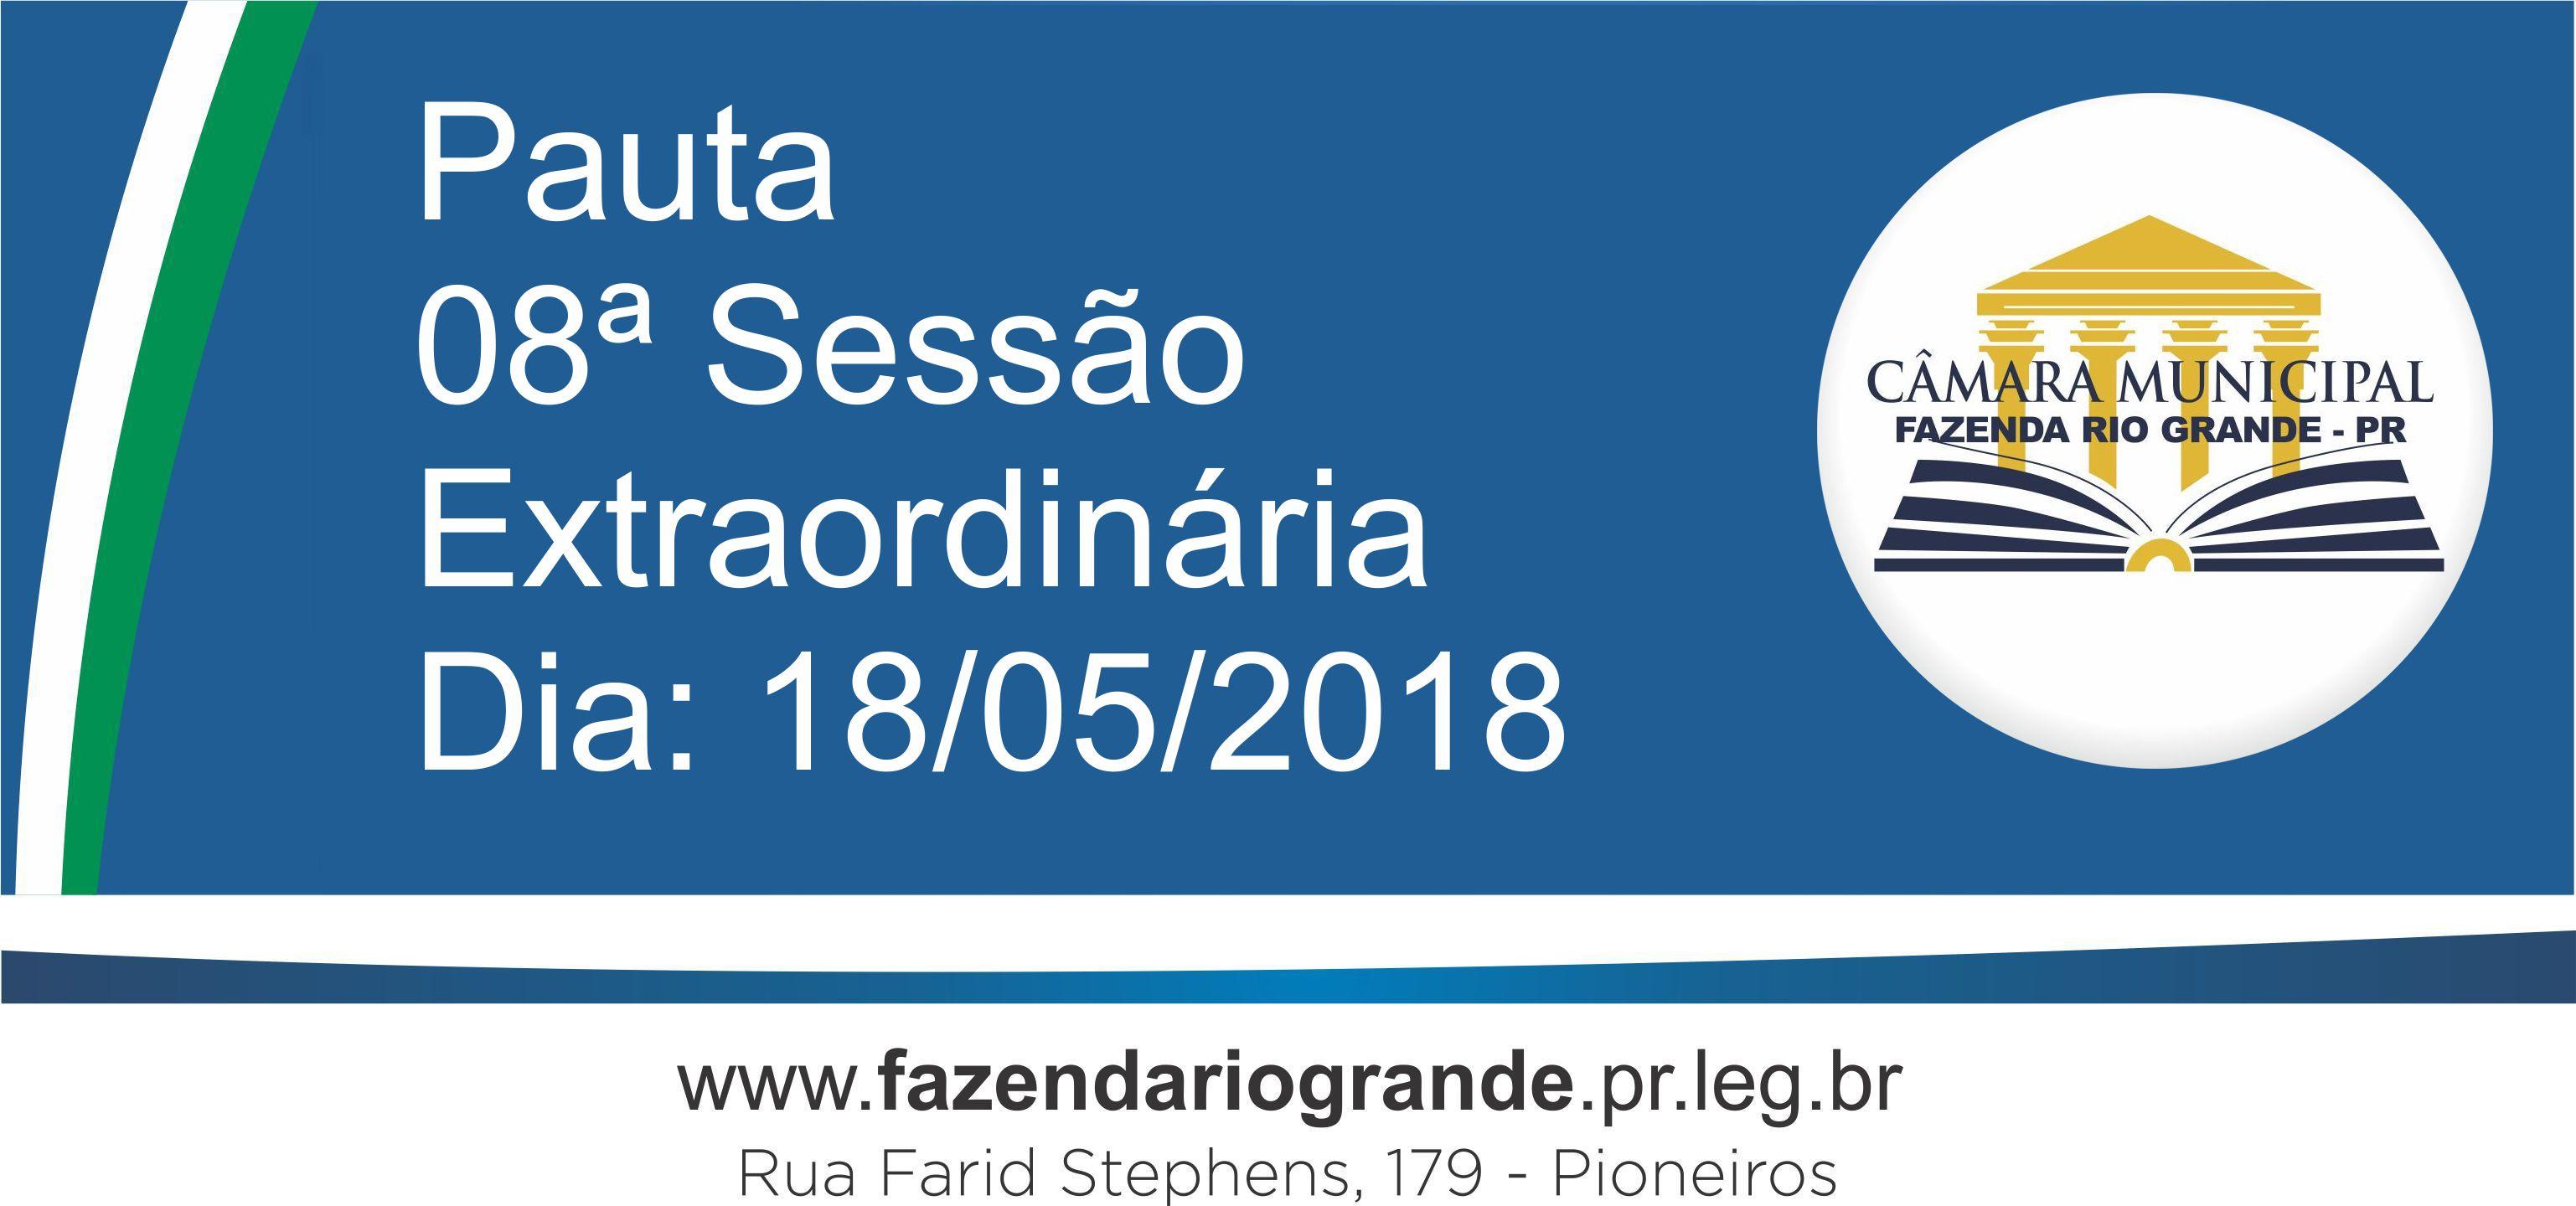 Pauta da 08ª Sessão Extraordinária 18/05/2018